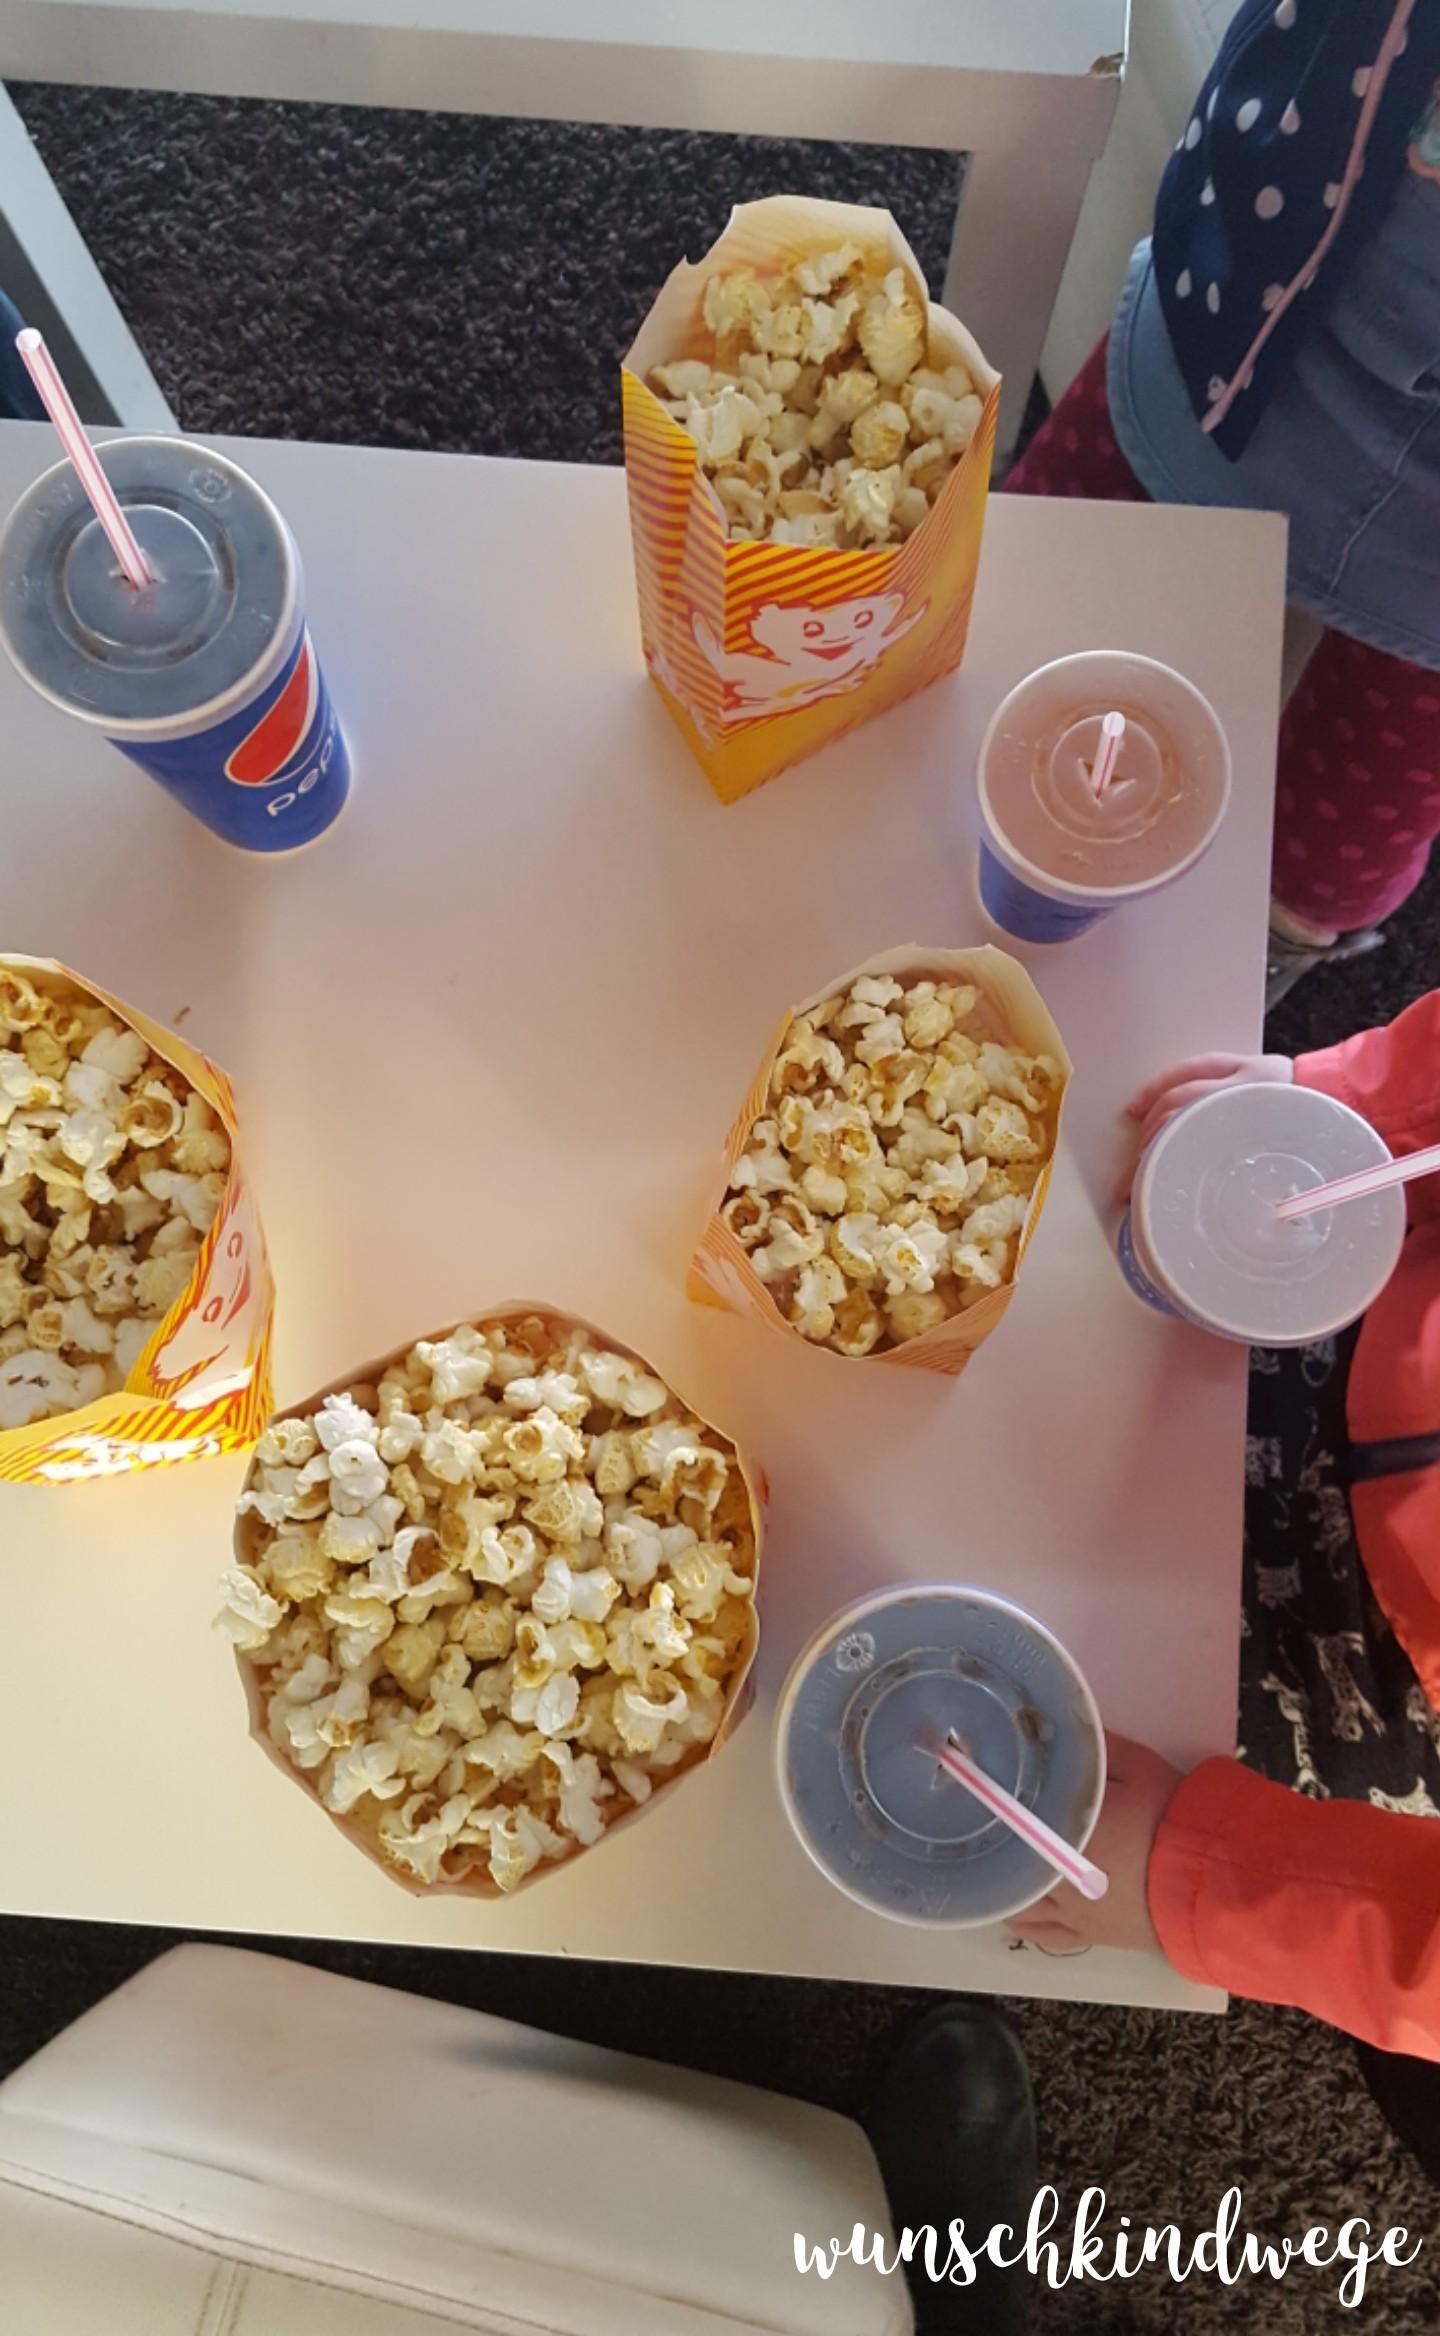 Osterwochenende in Bildern: Popcorn